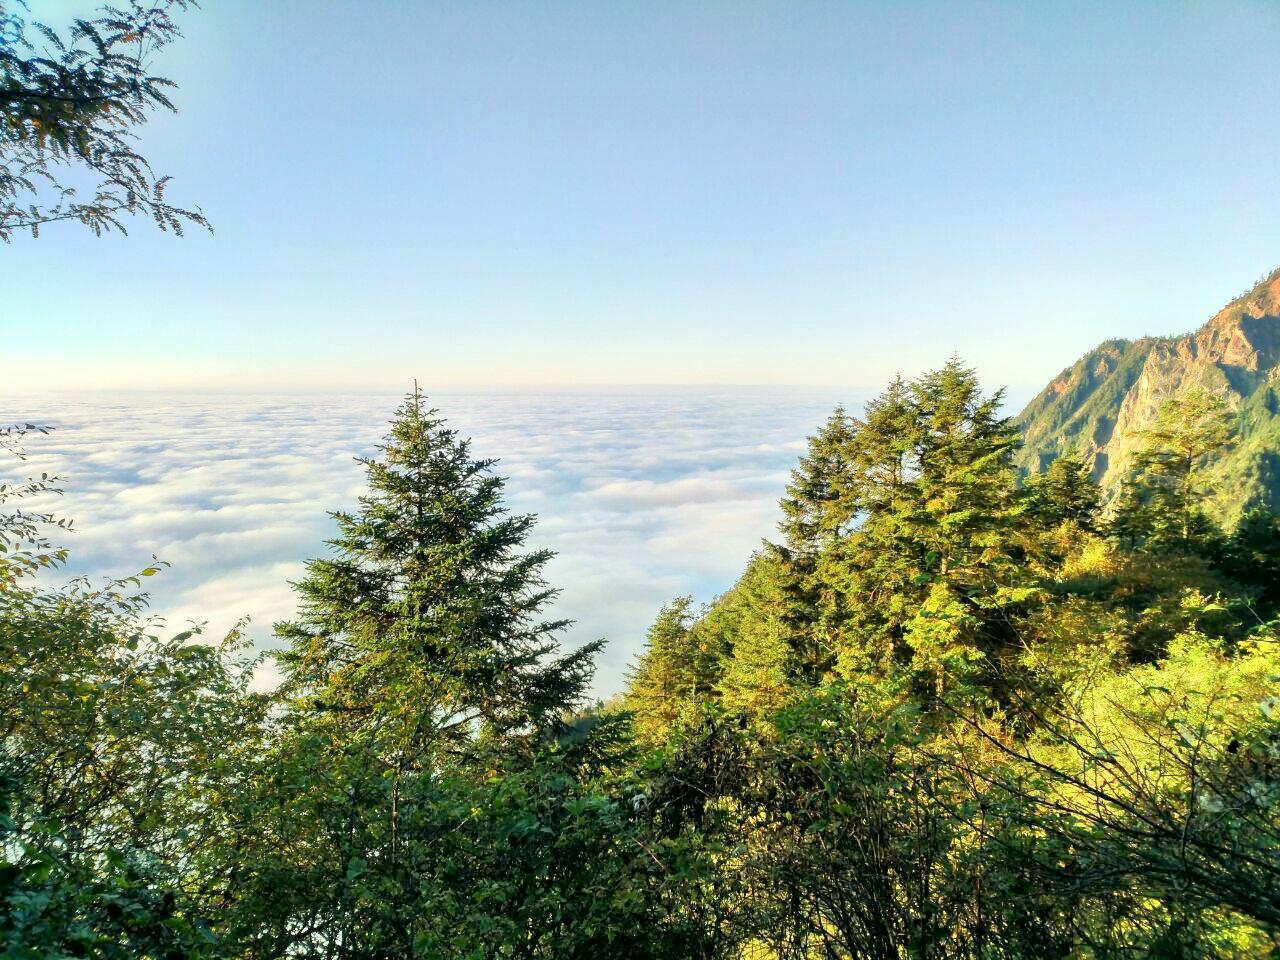 Jiufeng Mountain Scenic Area